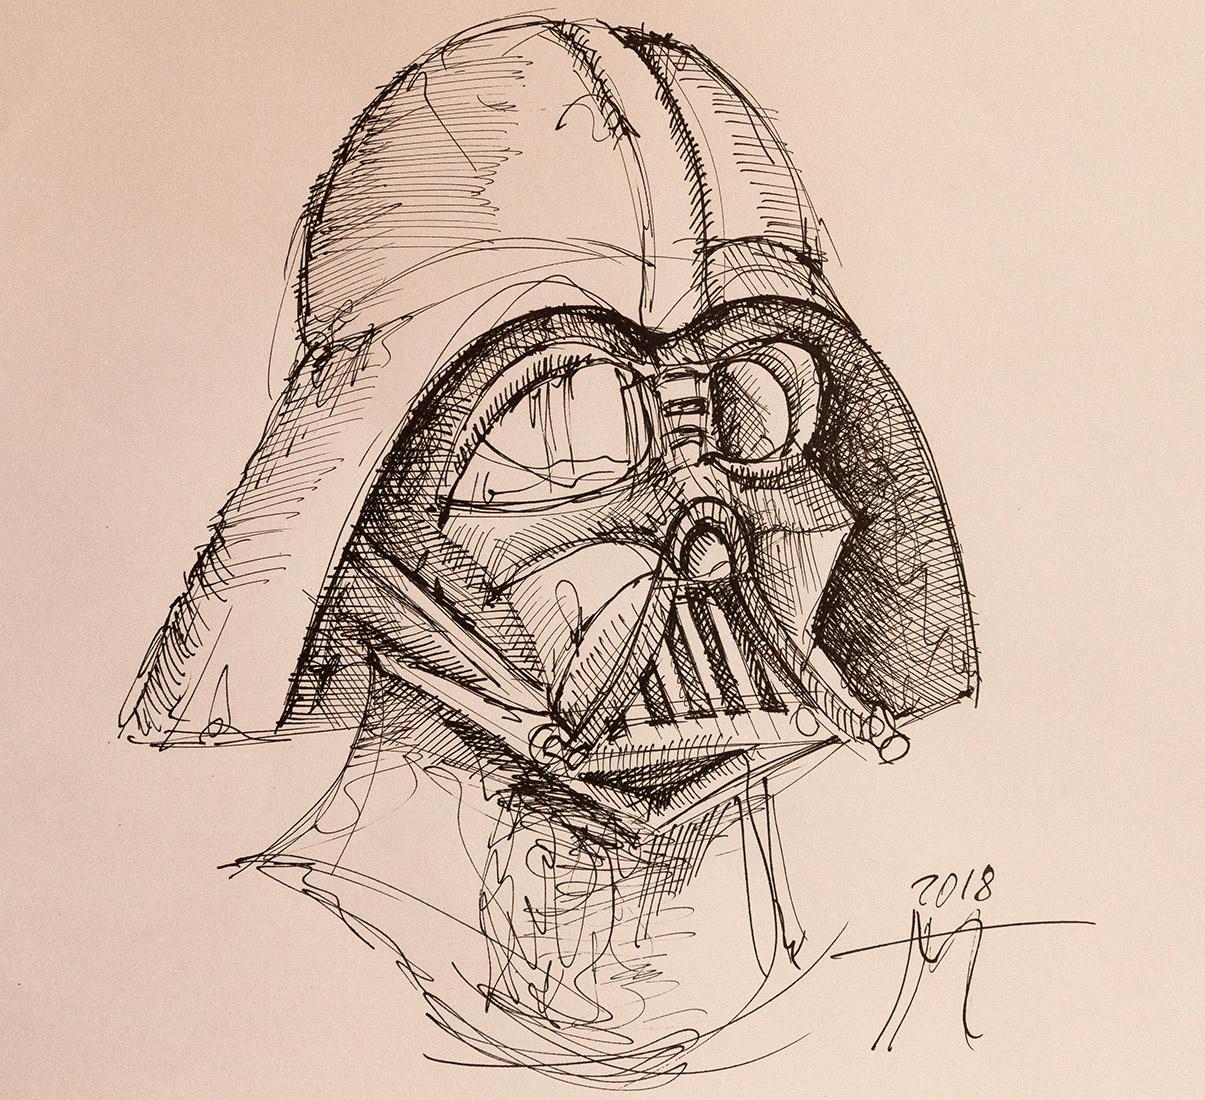 Darth Vader pen and ink drawing